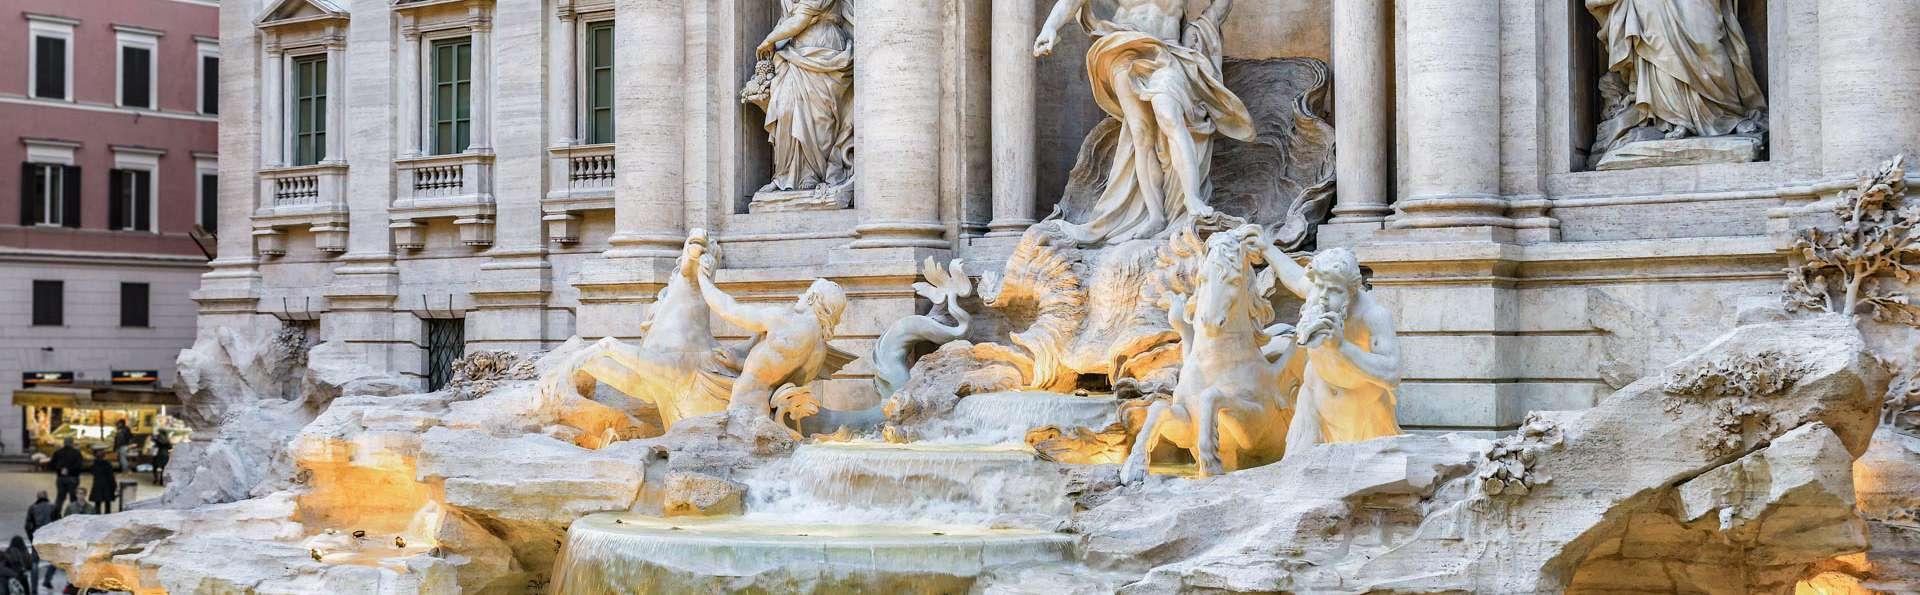 Confort au cœur de Rome : en hôtel 4 étoiles avec petit déjeuner et verre de bienvenue